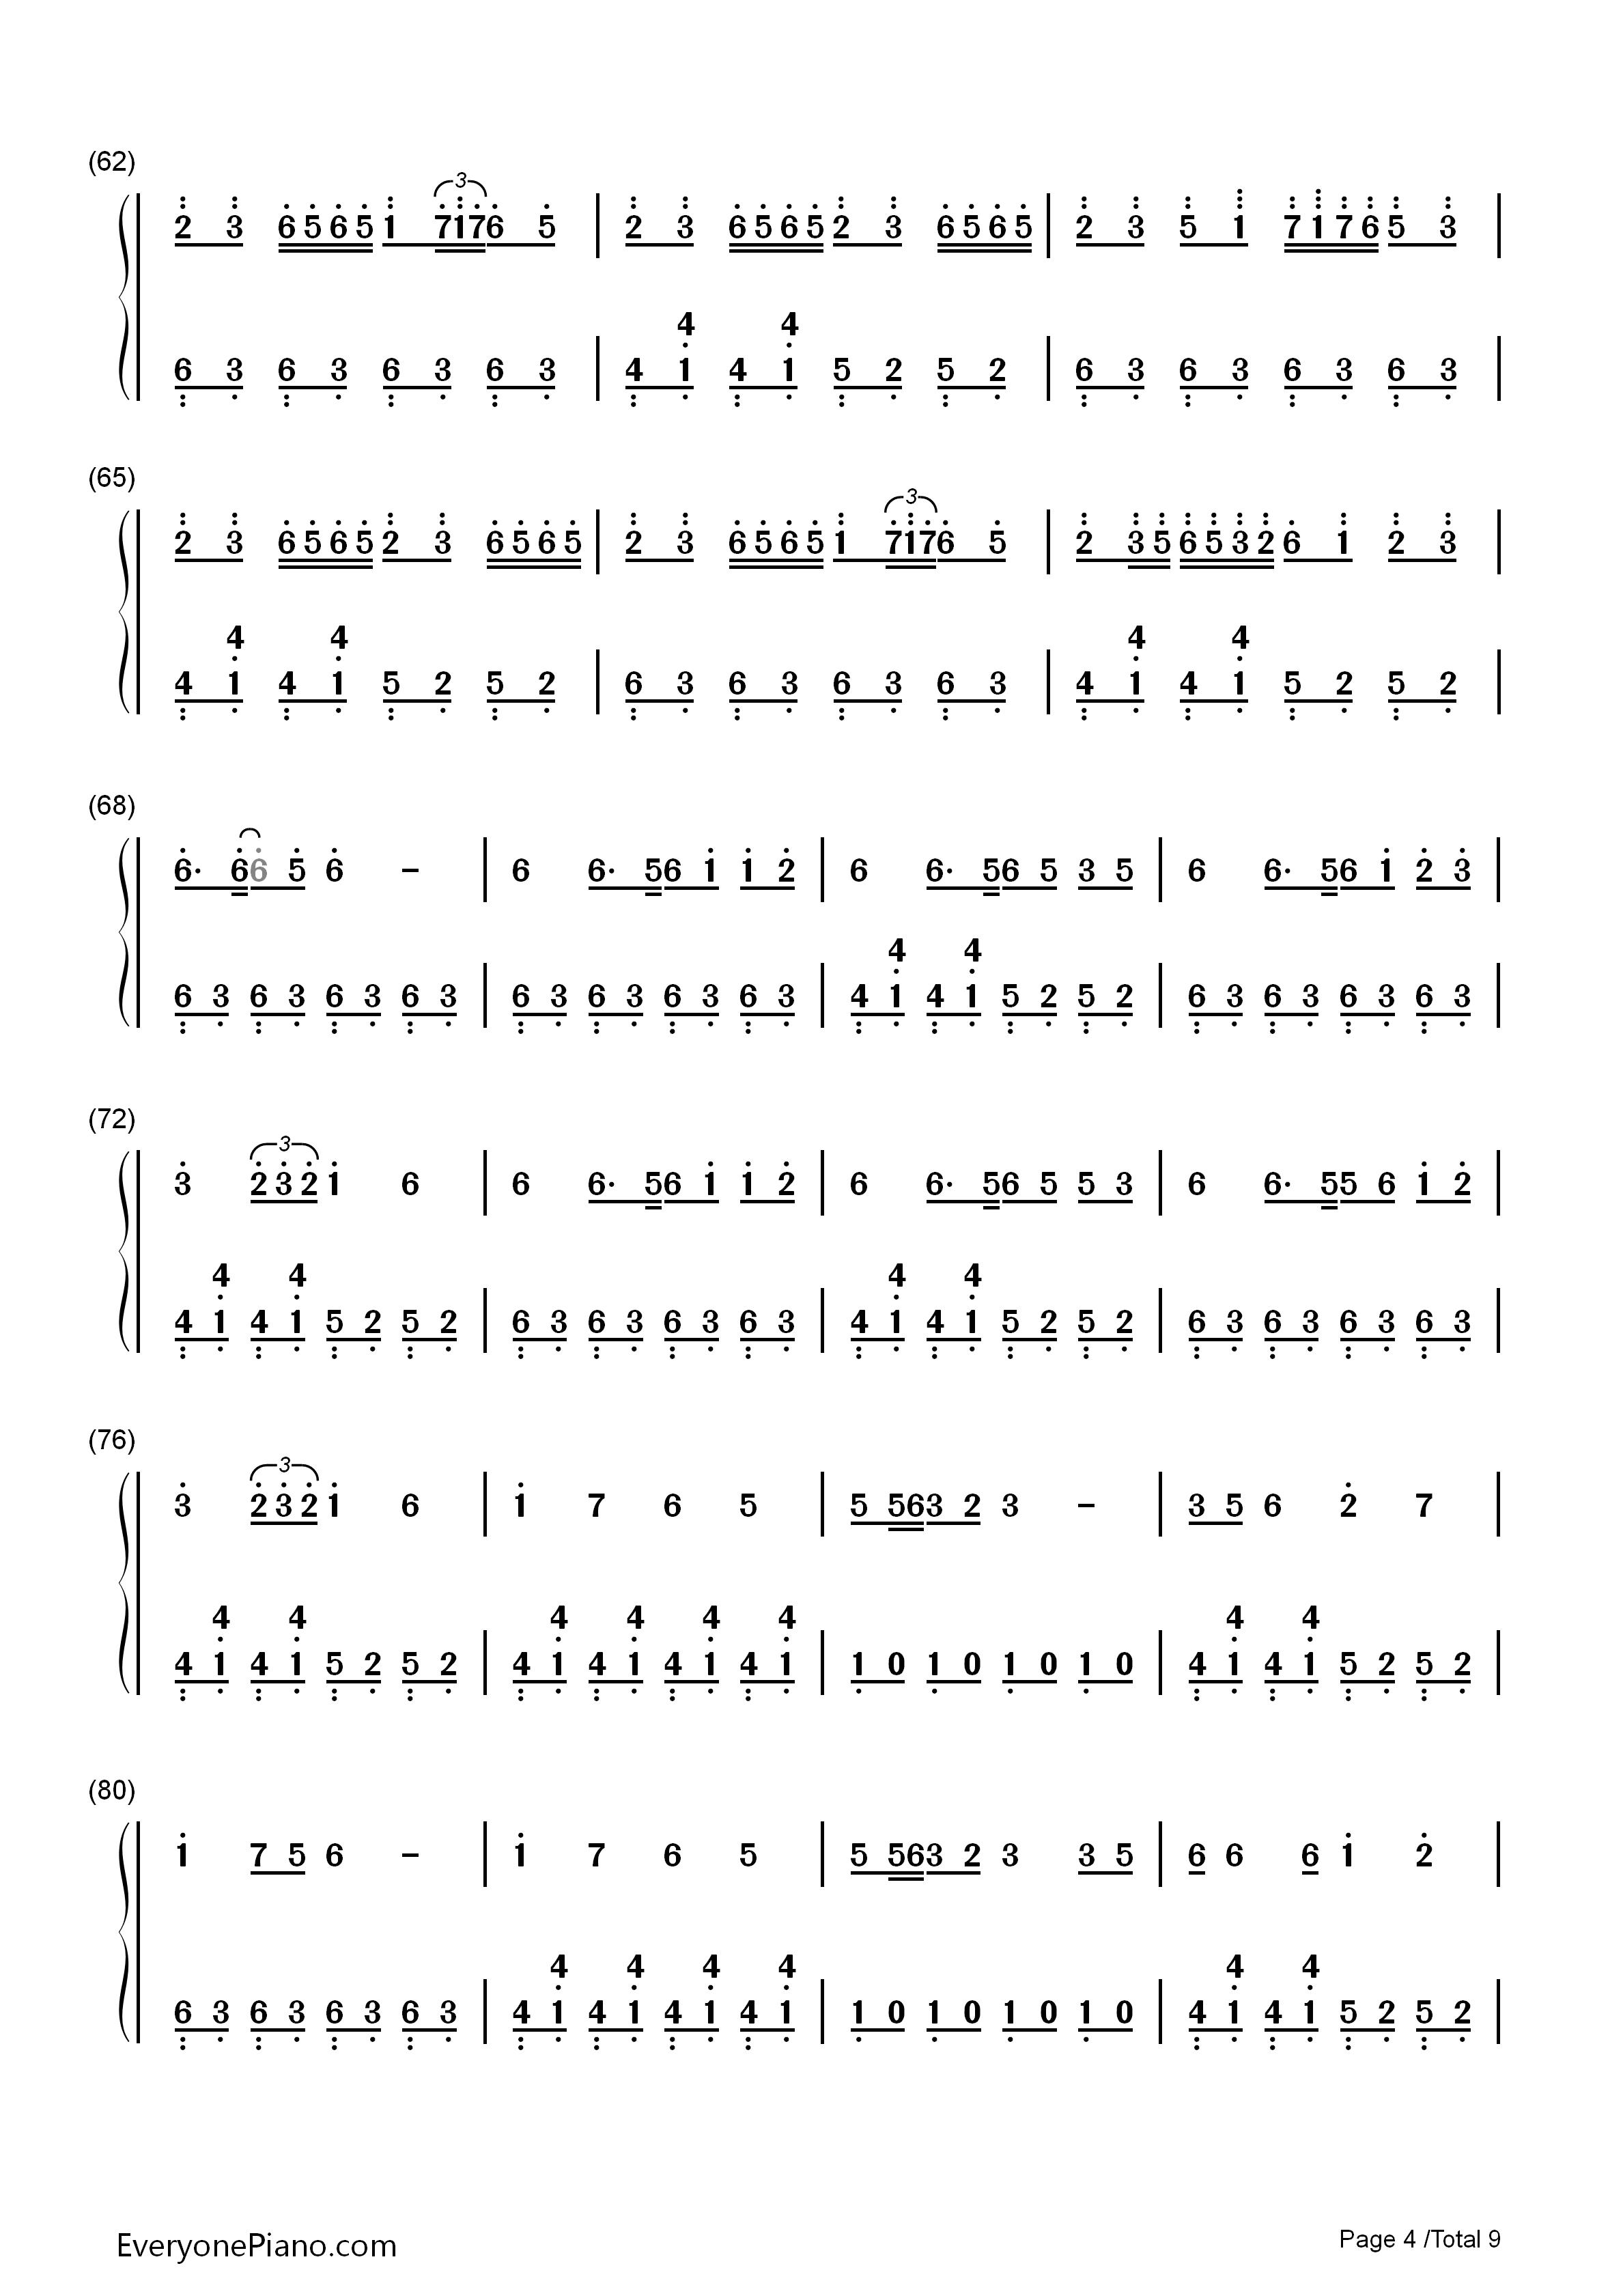 钢琴曲谱 动漫 千本樱简单版-初音未来 千本樱简单版-初音未来双手